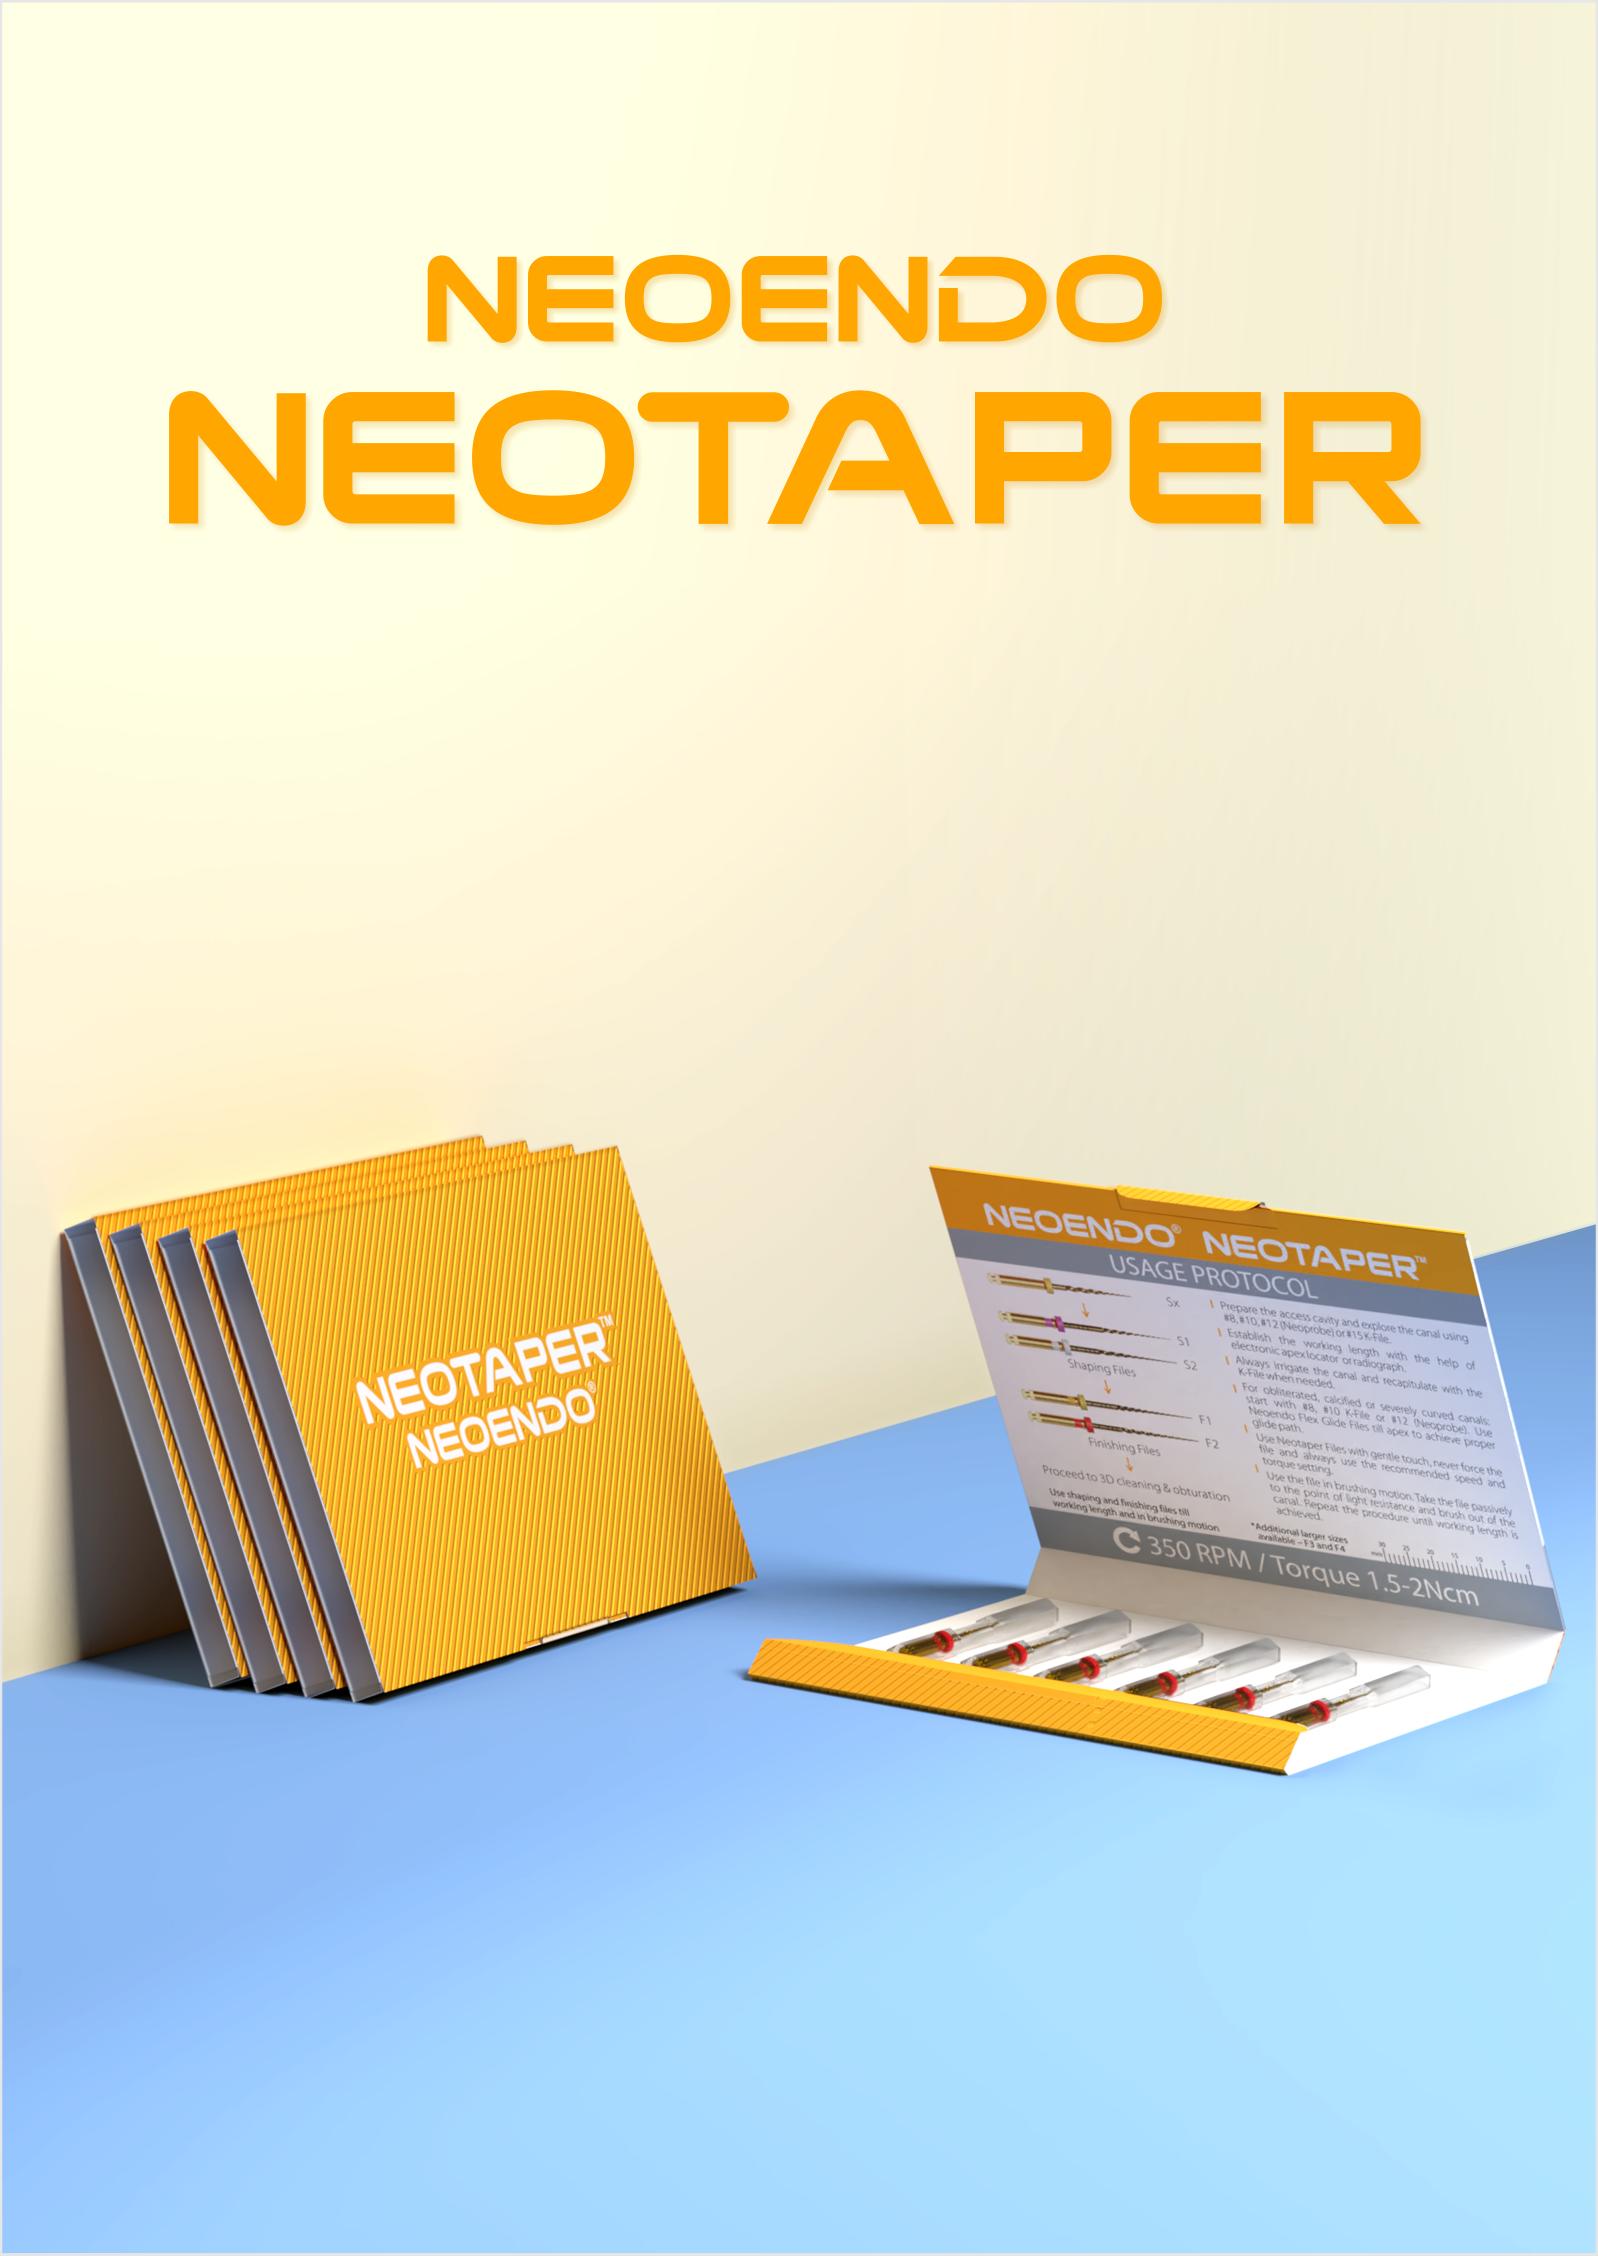 Neotaper Rotary File | Neoendo | Orikam